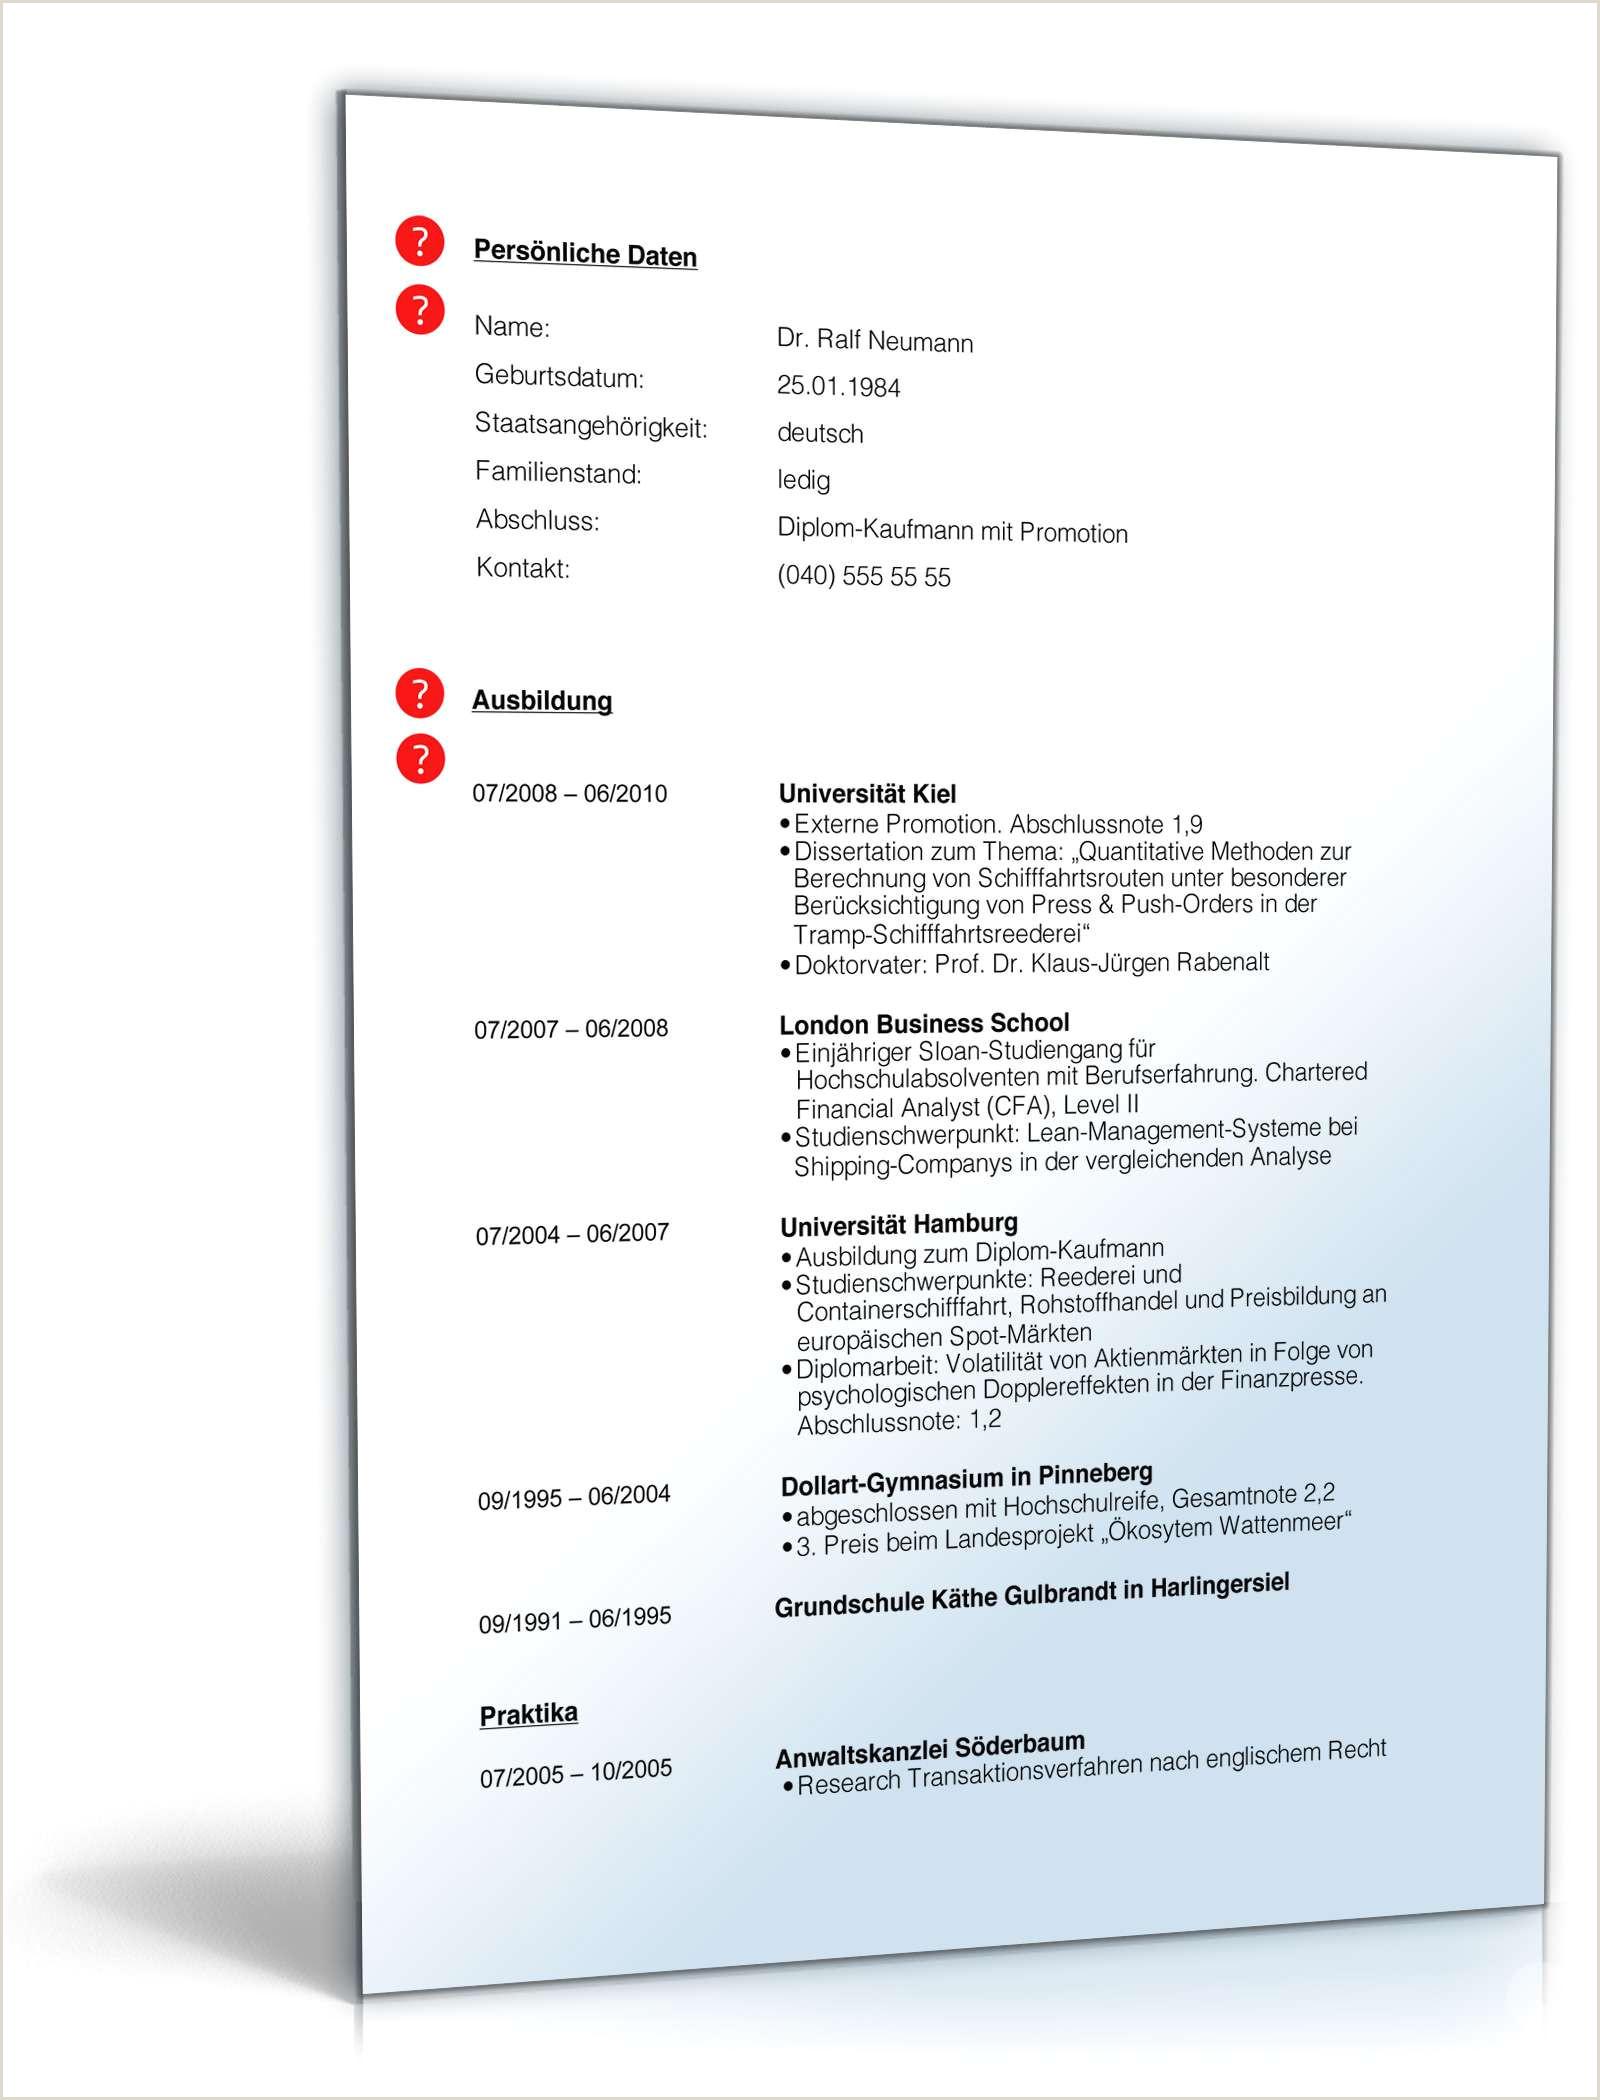 Lebenslauf Muster Mit Berufserfahrung 13 Lebenslauf Berufserfahrung